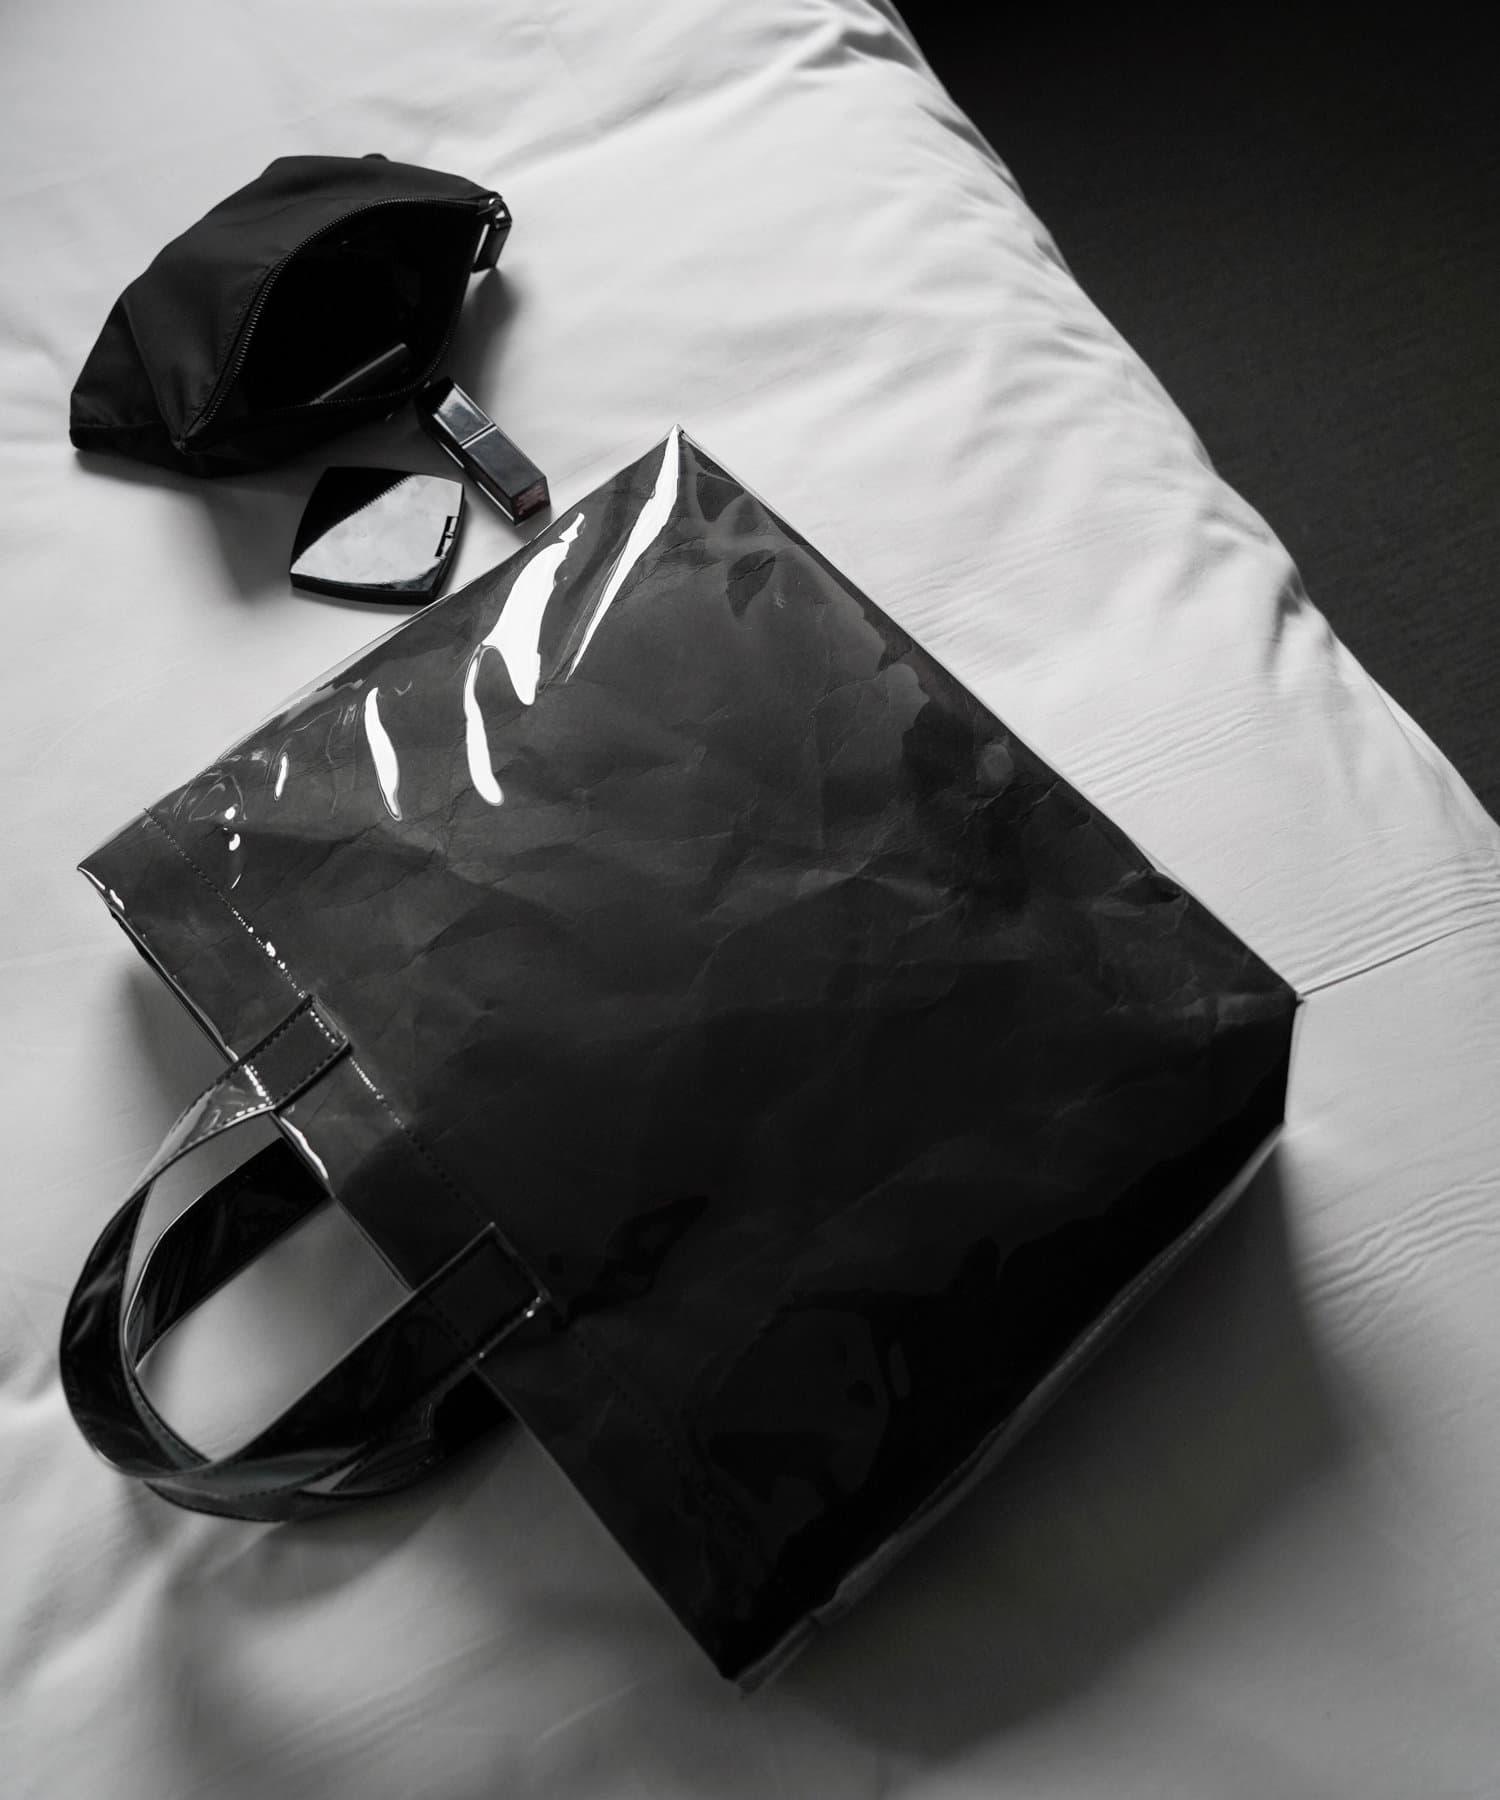 COLONY 2139(コロニー トゥーワンスリーナイン) レディース 【@sakina_yamamoto】クリアトートバッグ ブラック